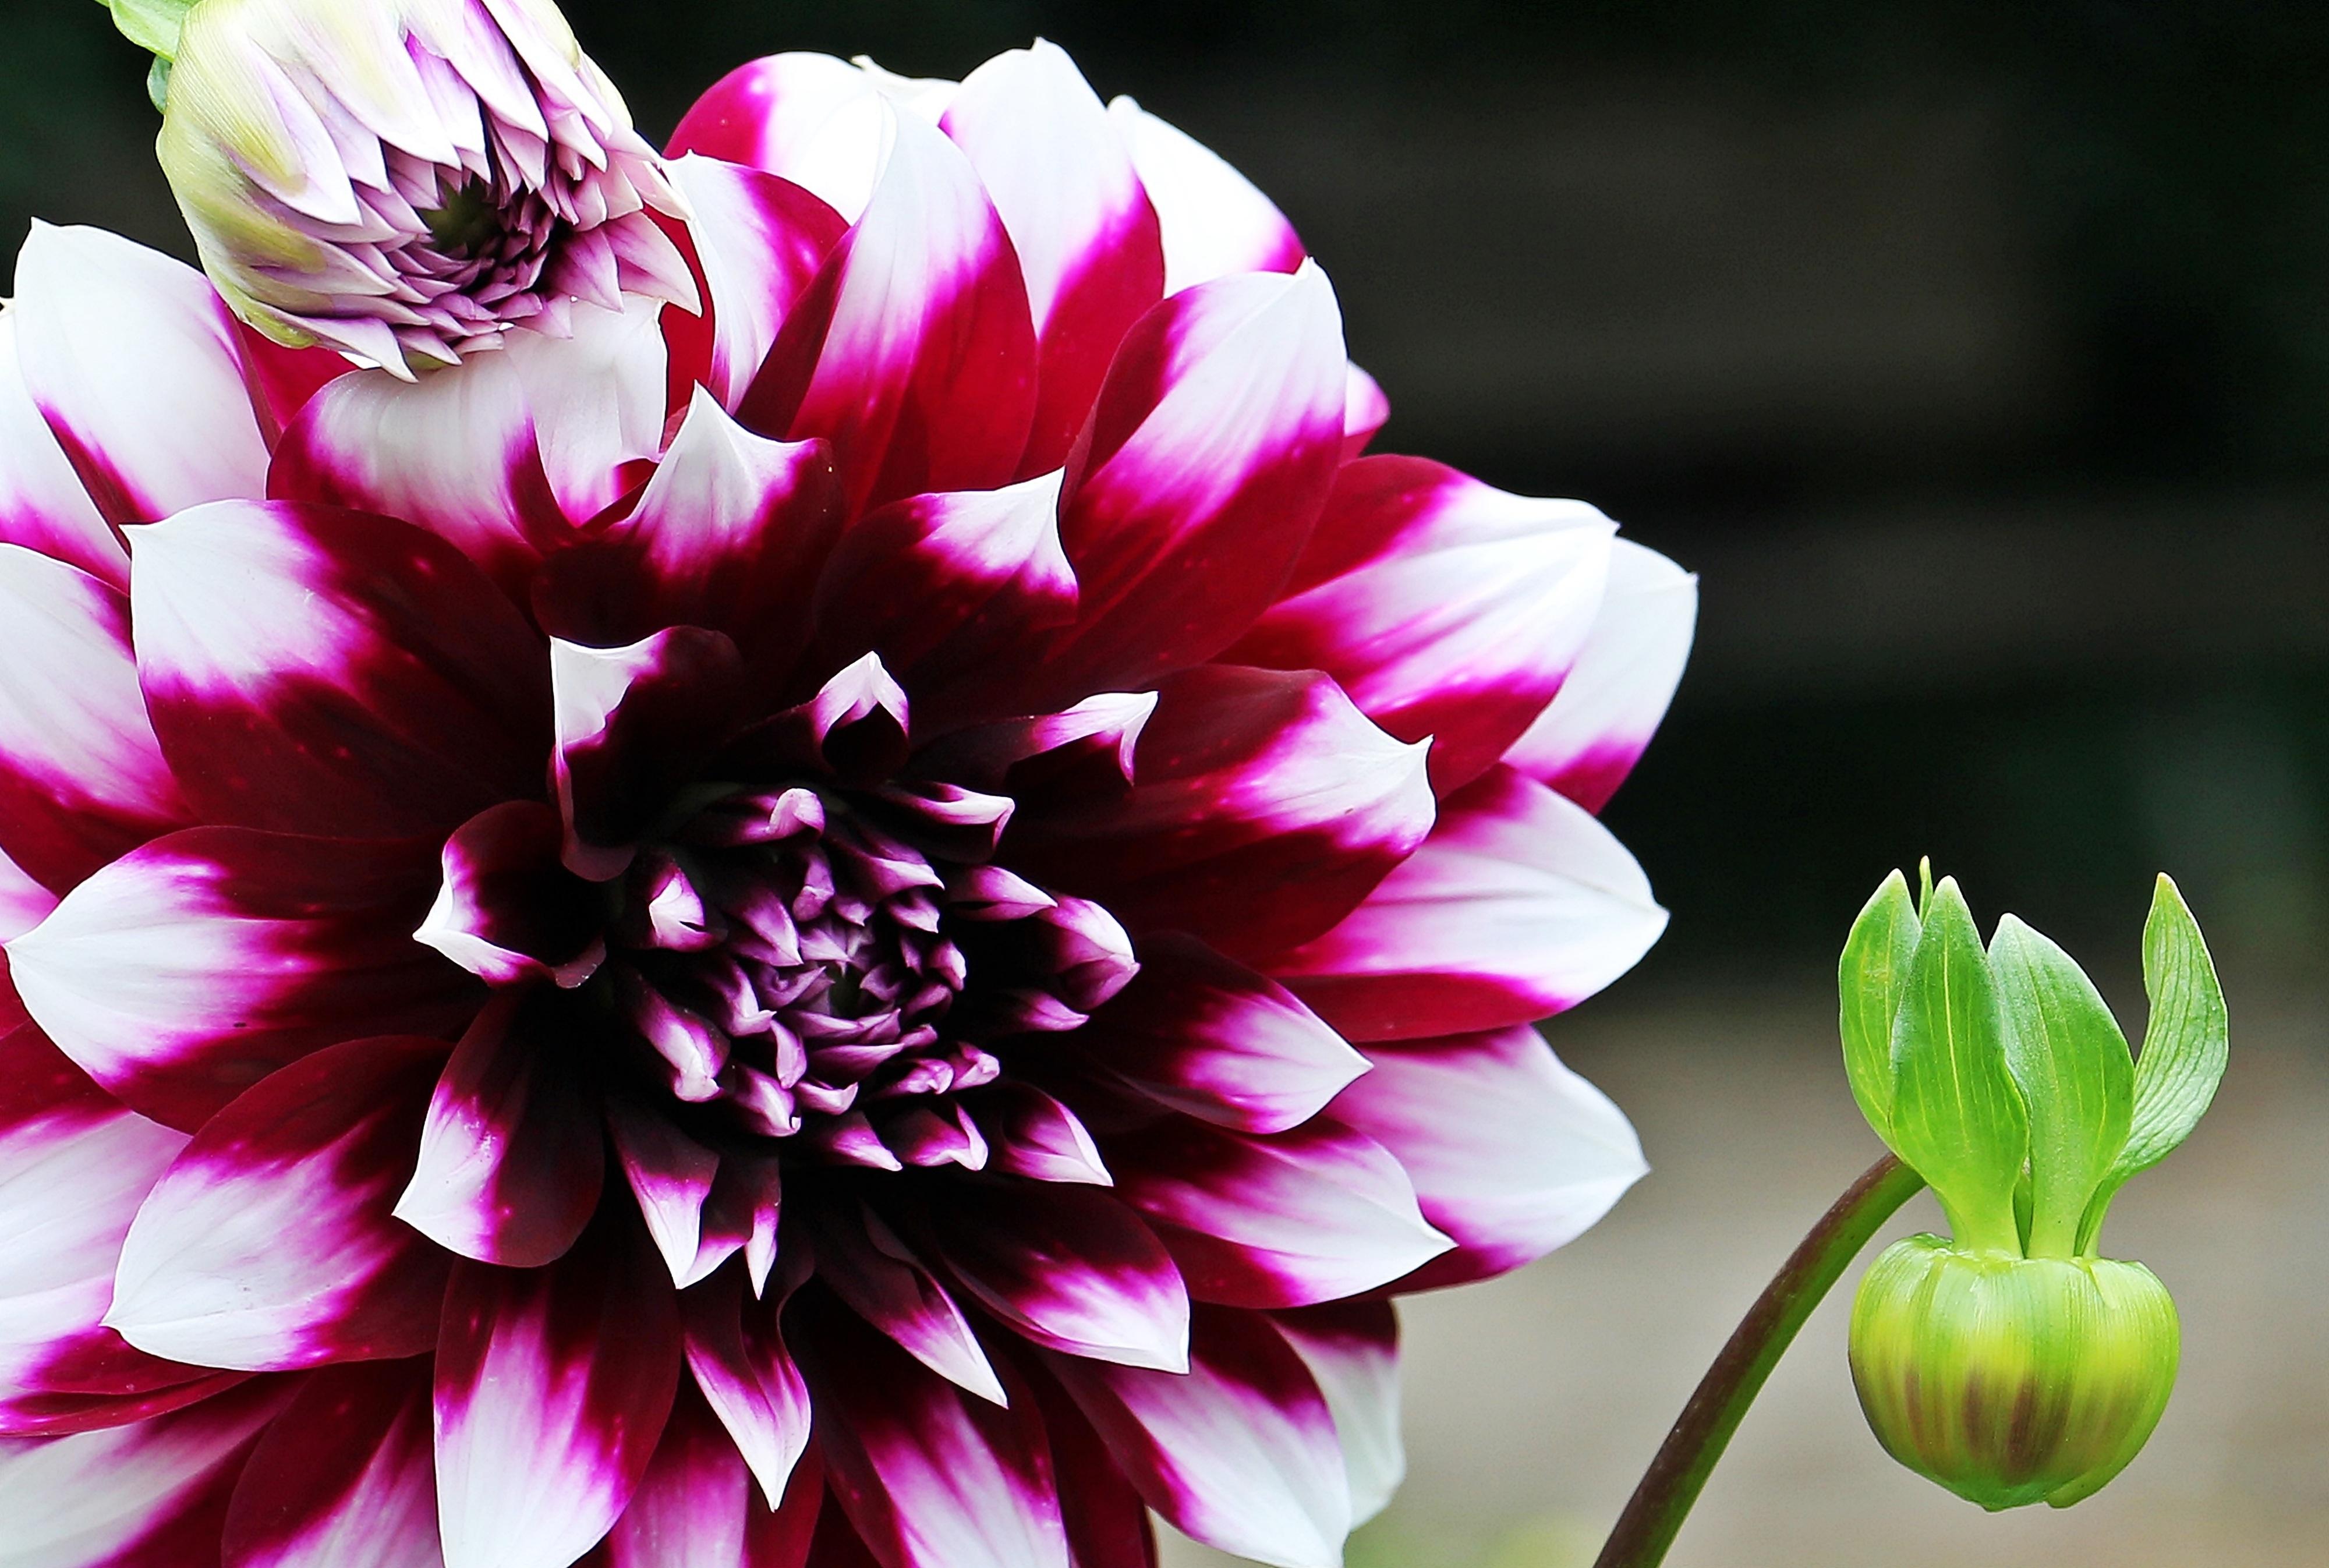 Free Images : nature, blossom, petal, bloom, summer, pink, flora ...